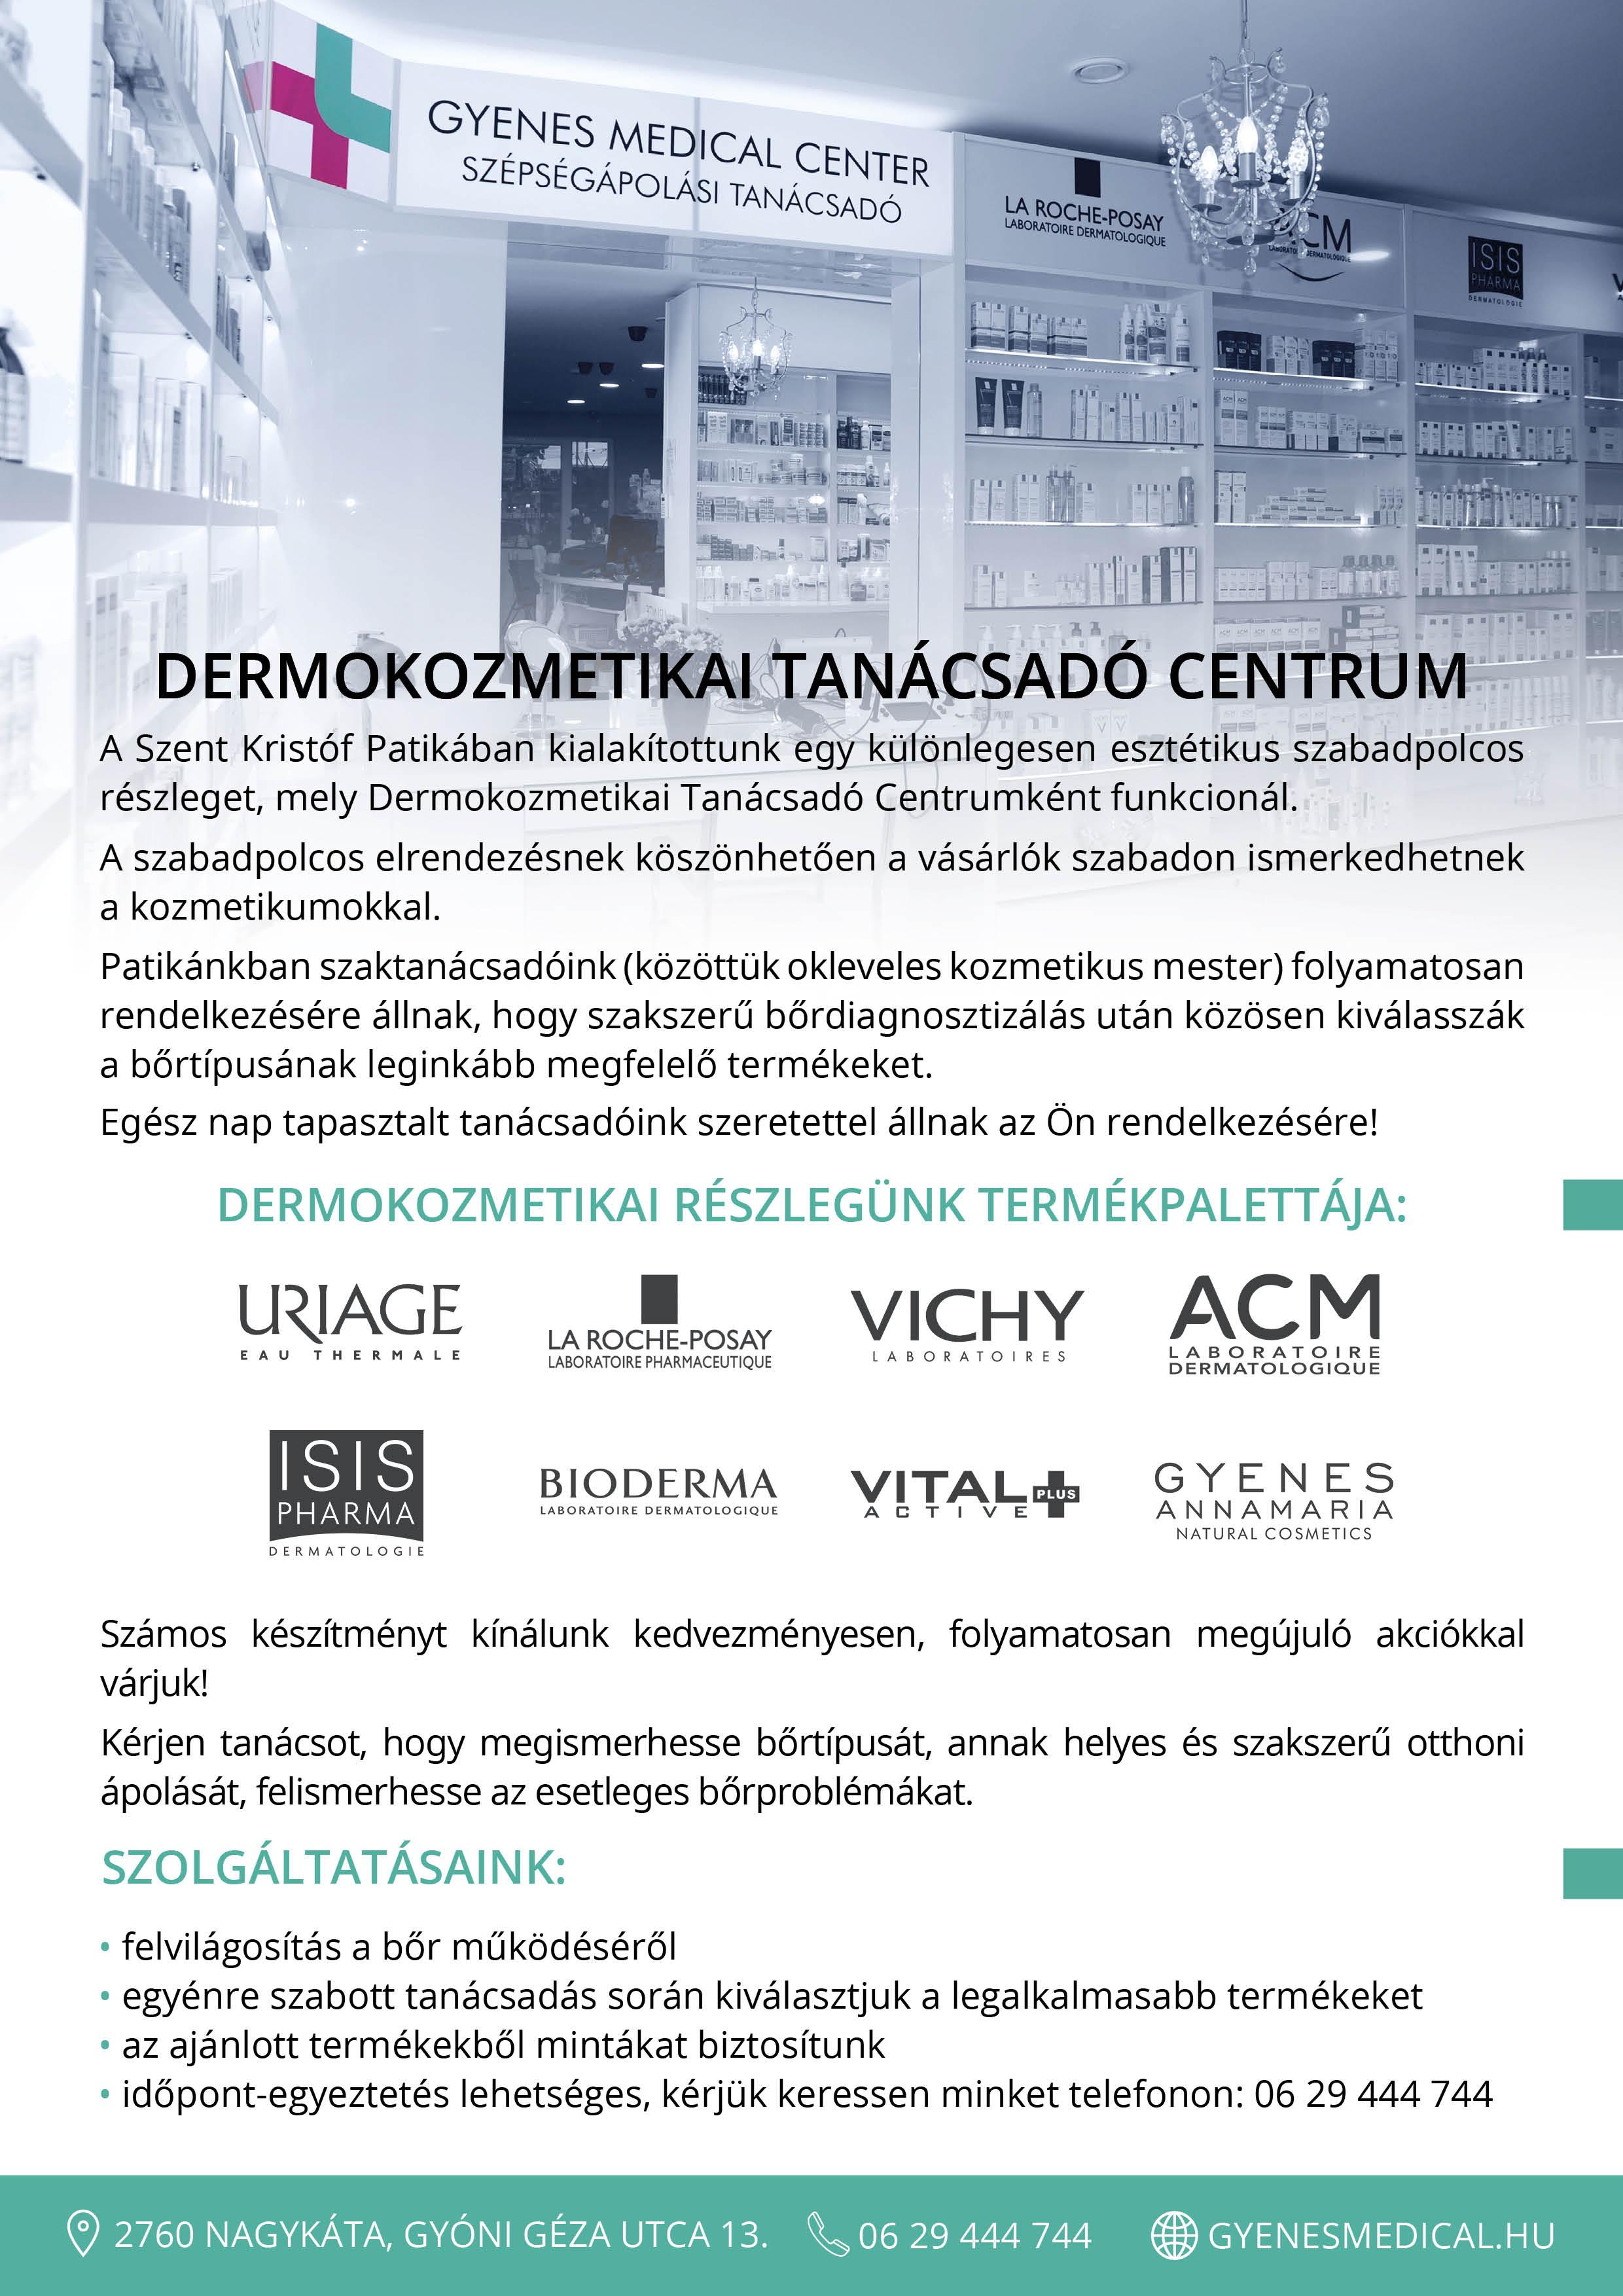 dermokozmetikai_tanacsado_centrum_v1